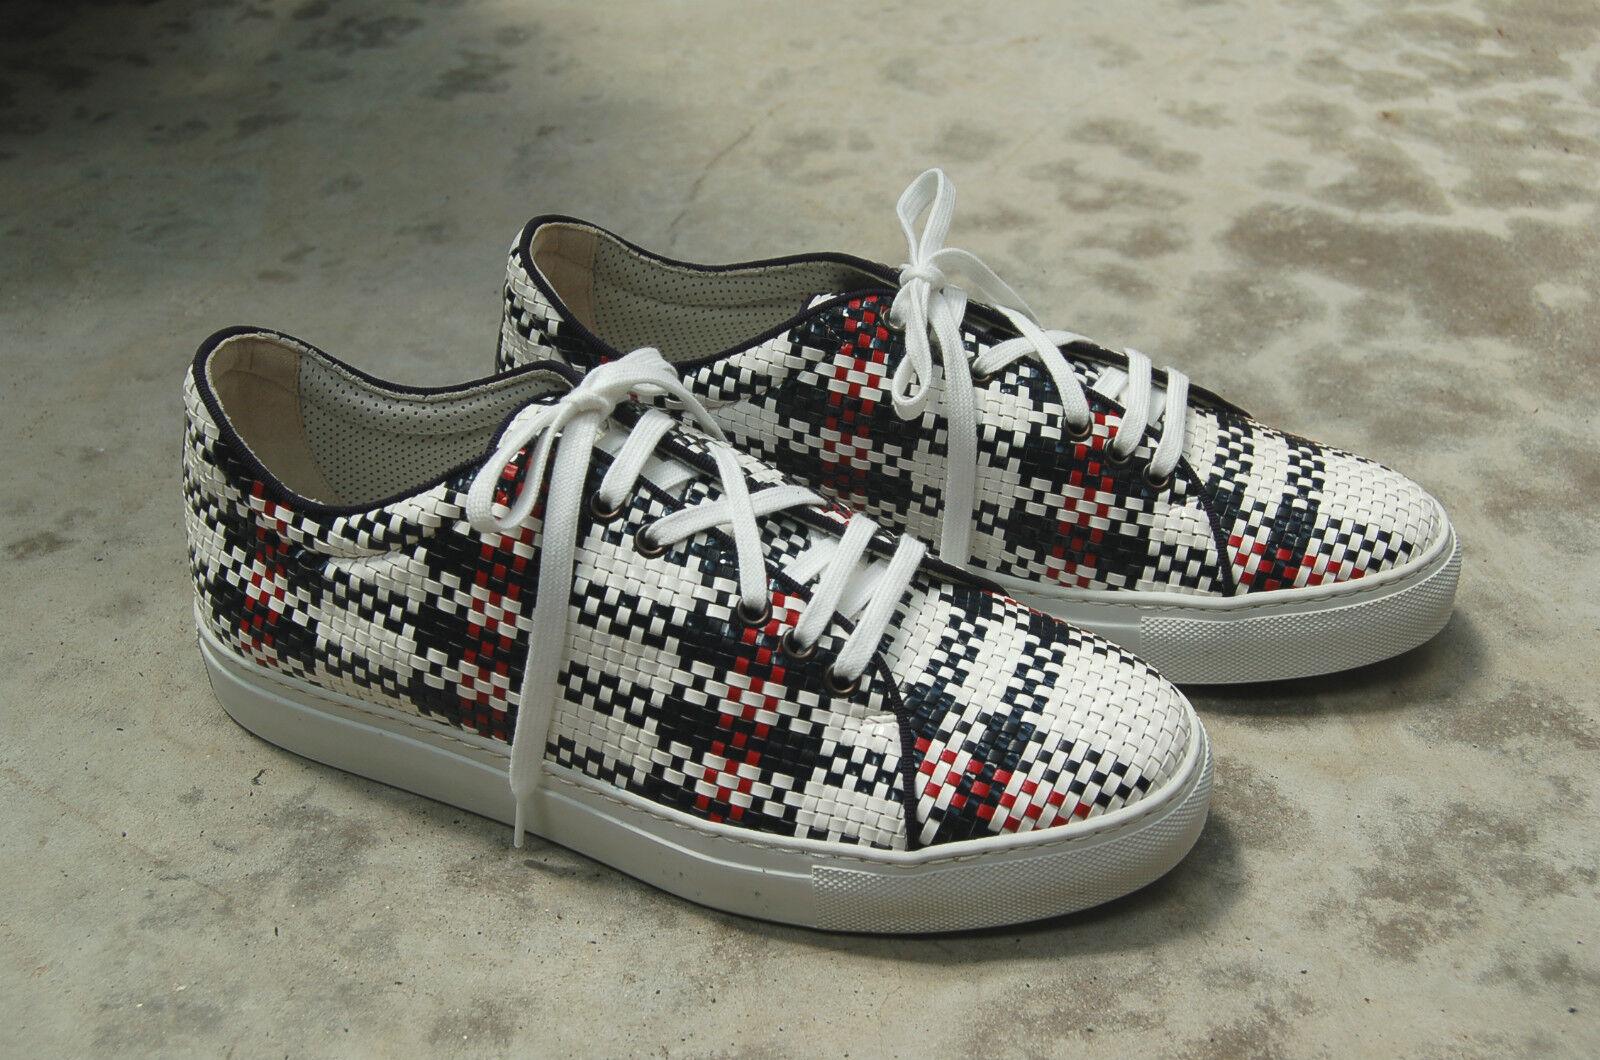 comprare a buon mercato MAN - scarpe da da da ginnastica - MULTI colore LEATHER CROSS - RUBBER SOLE  acquisto limitato